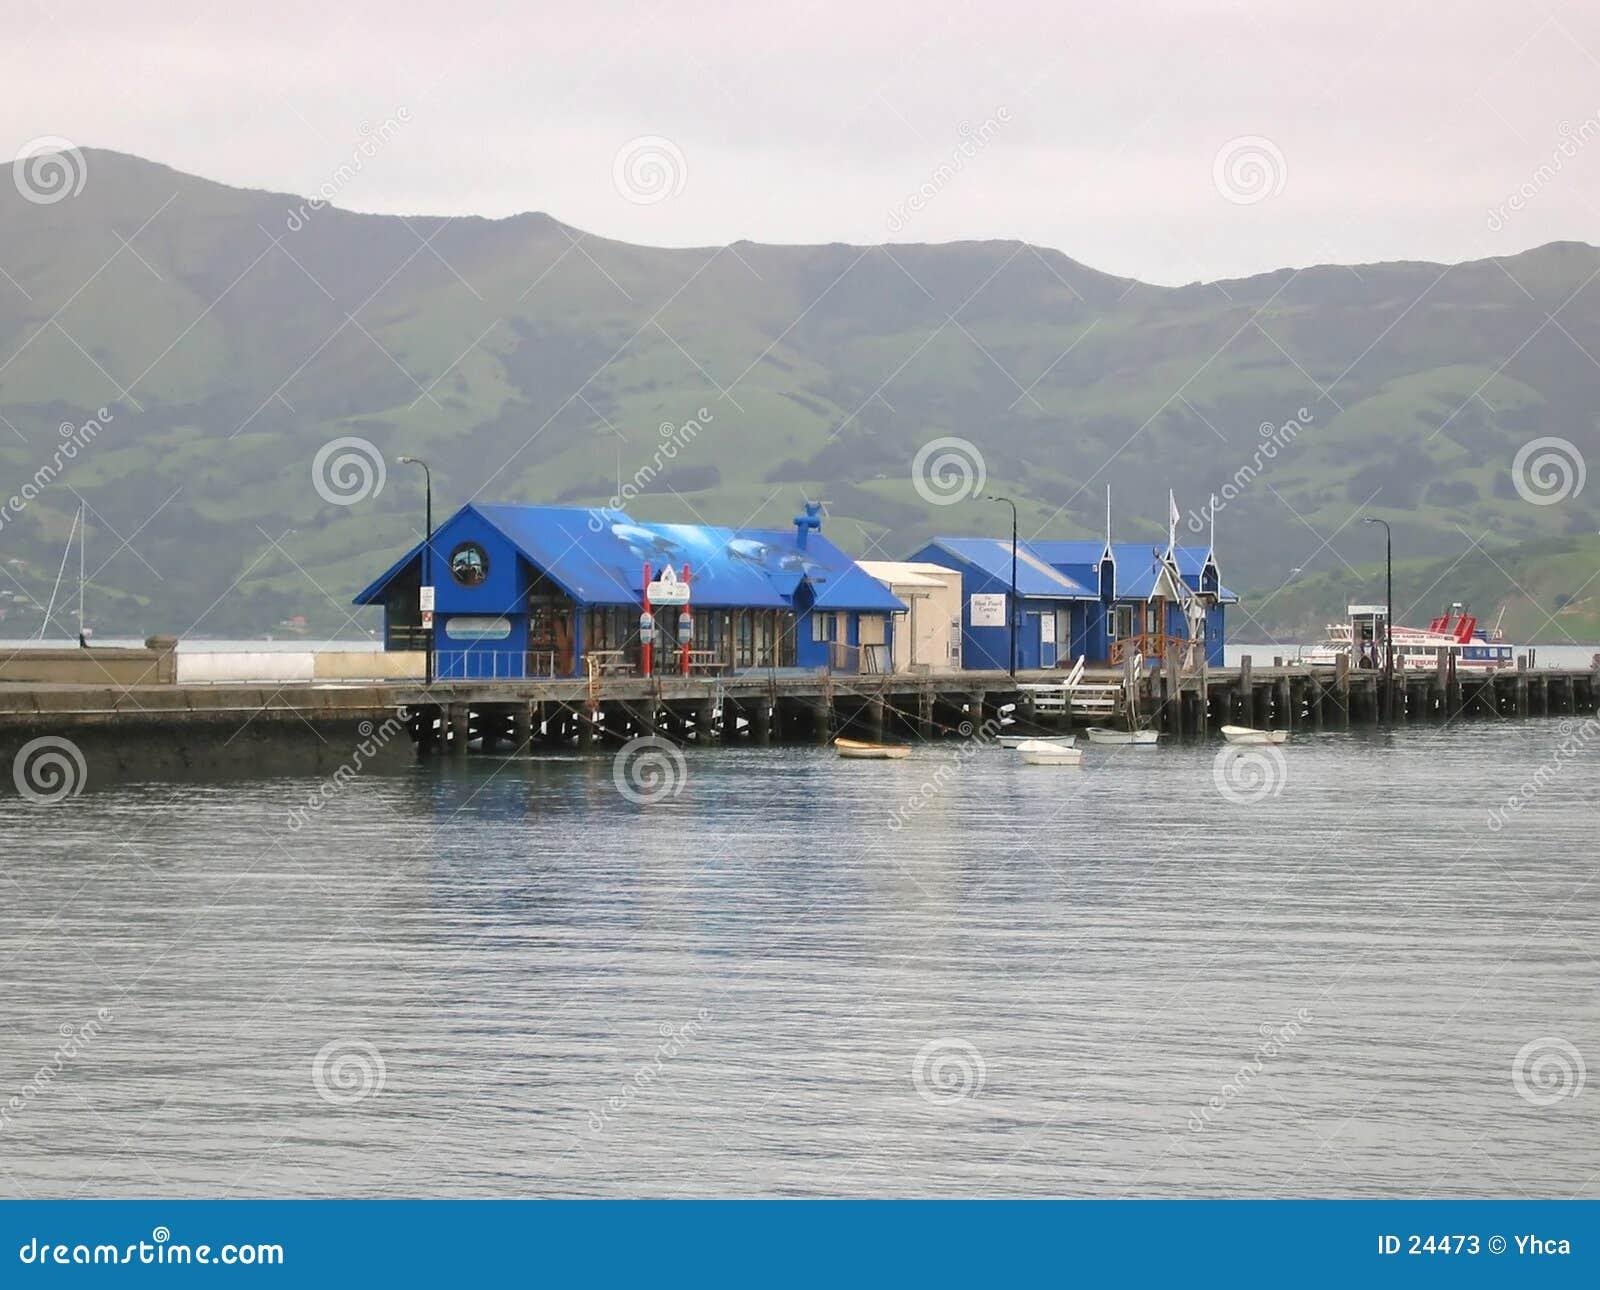 Harbor in Akaroa, New Zealand